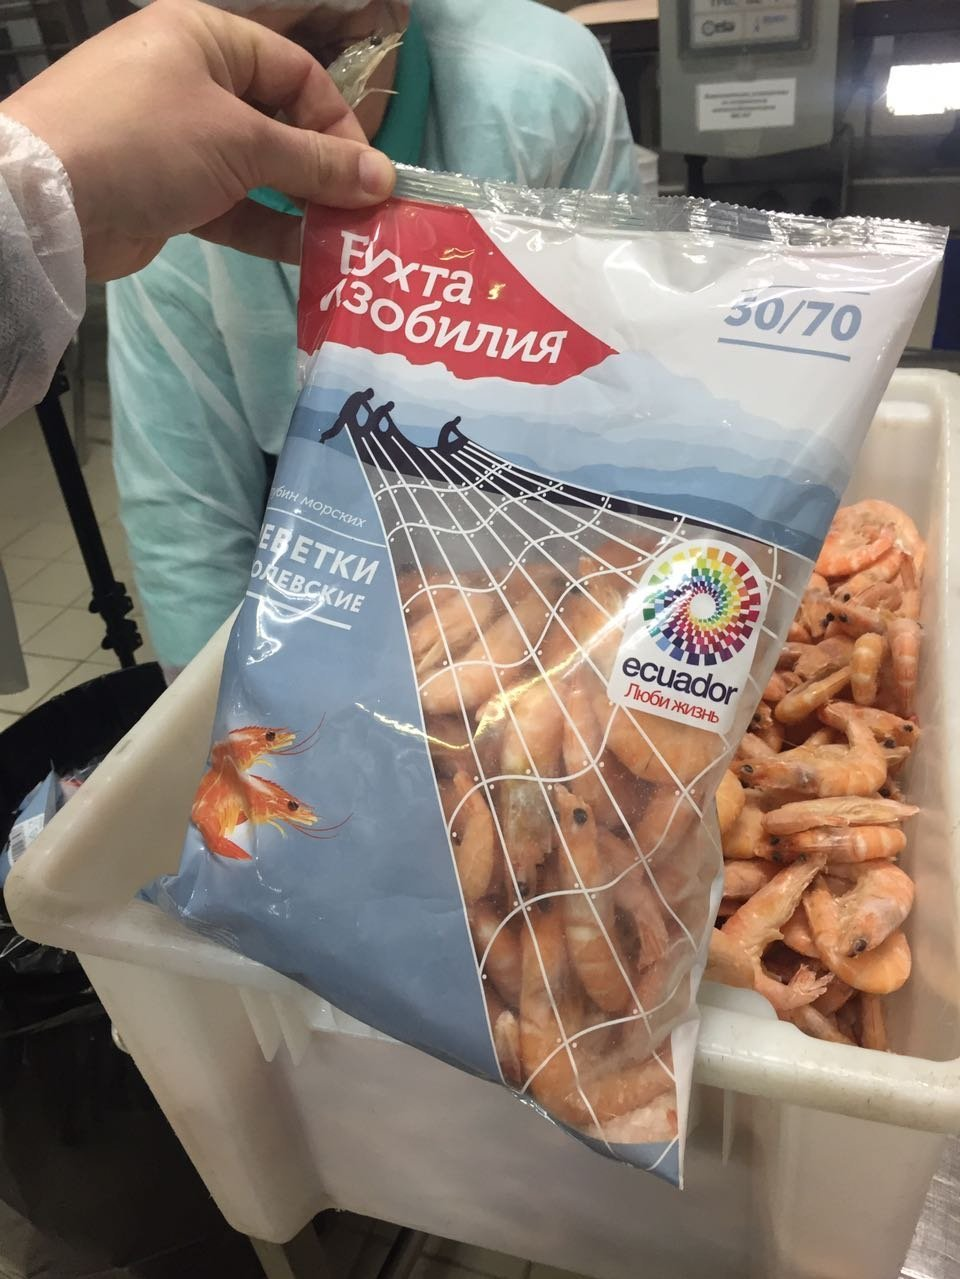 Los camarones ecuatorianos en un supermercado ruso